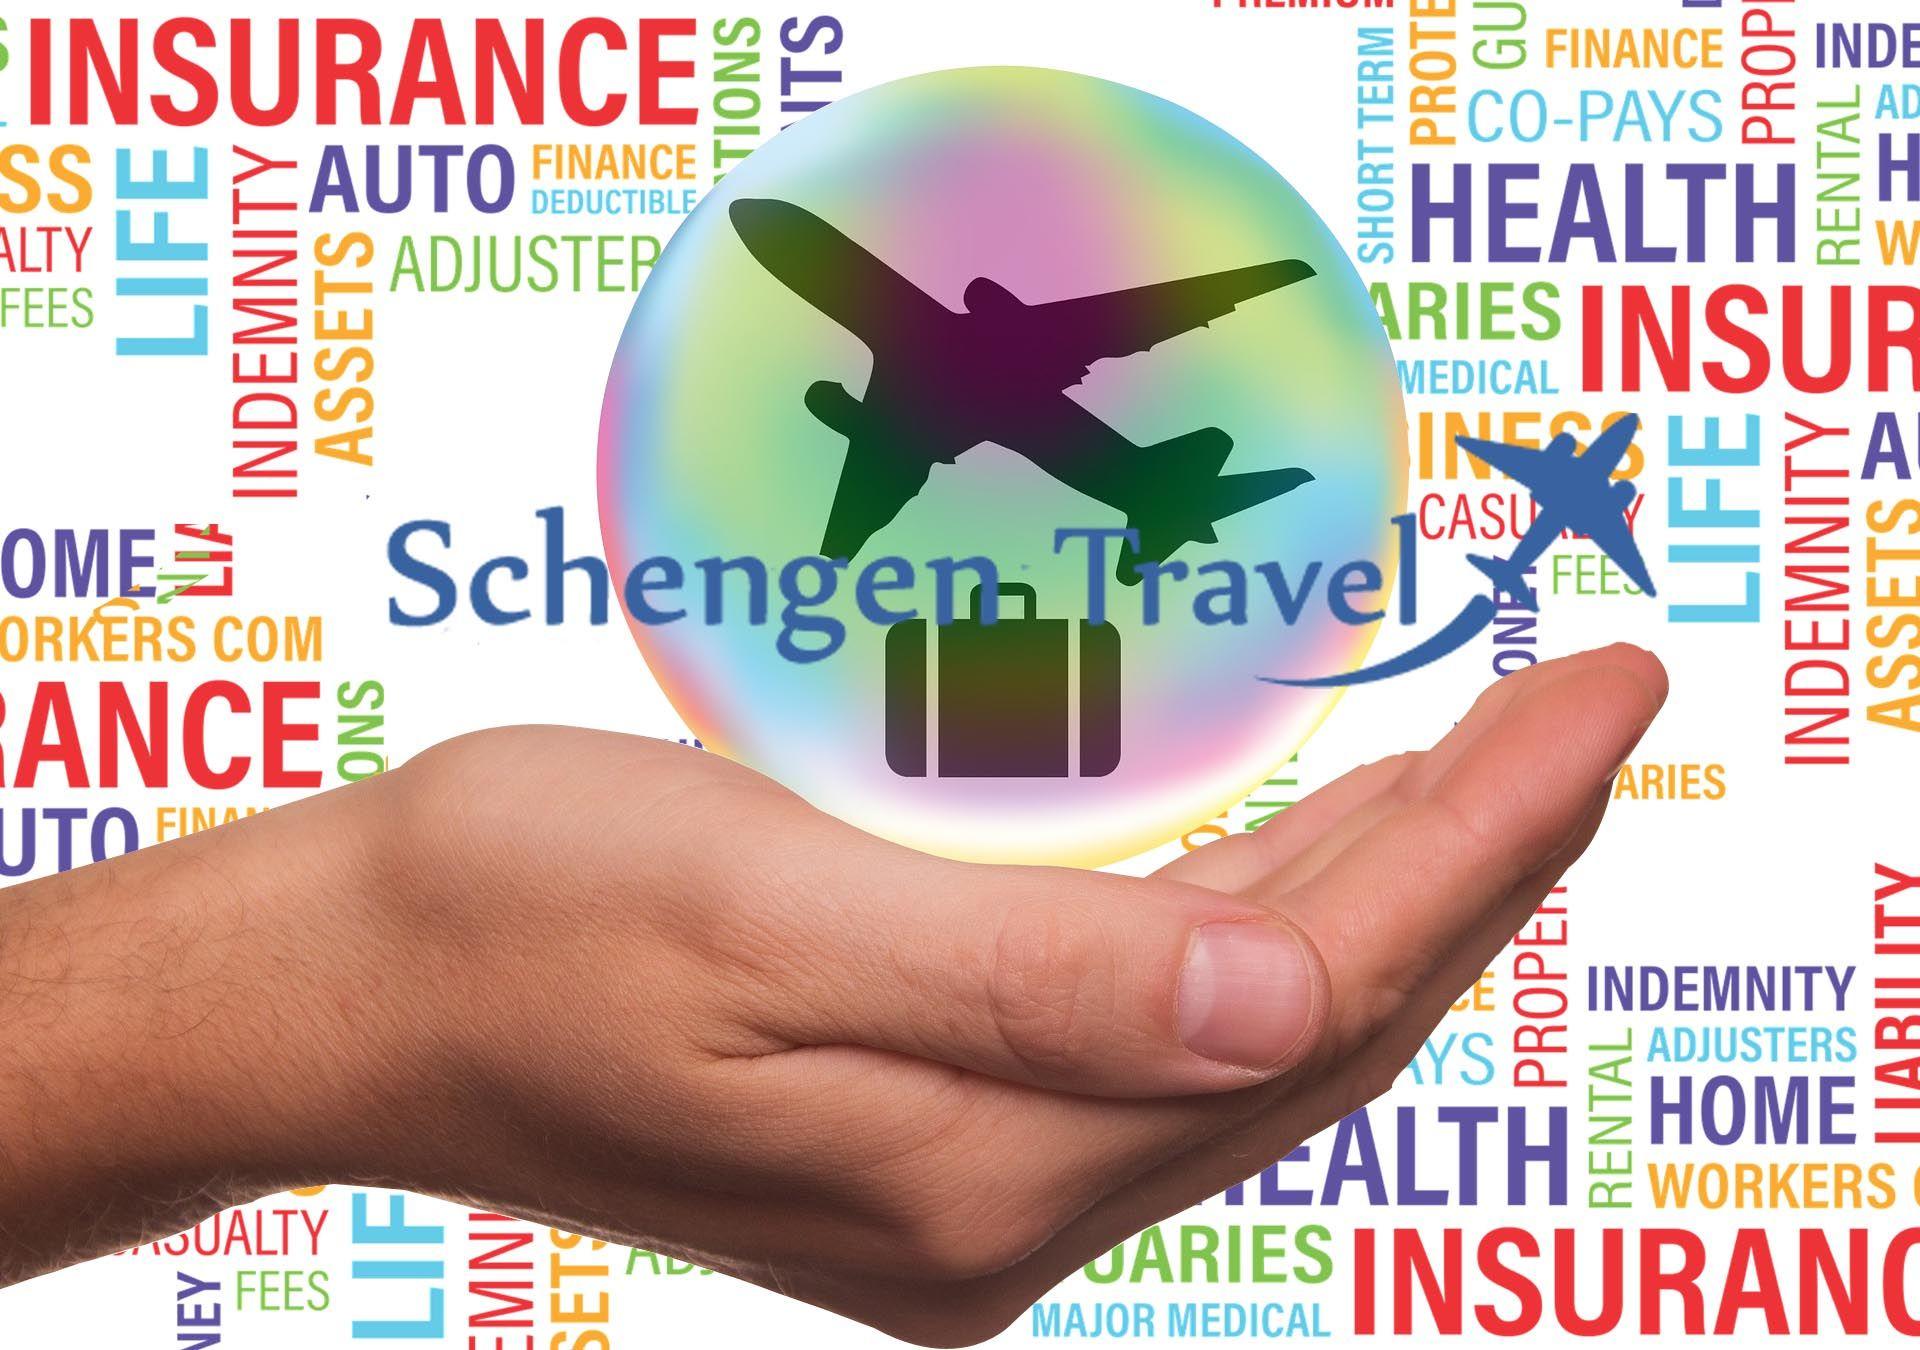 Schengen Travel Medical Insurance